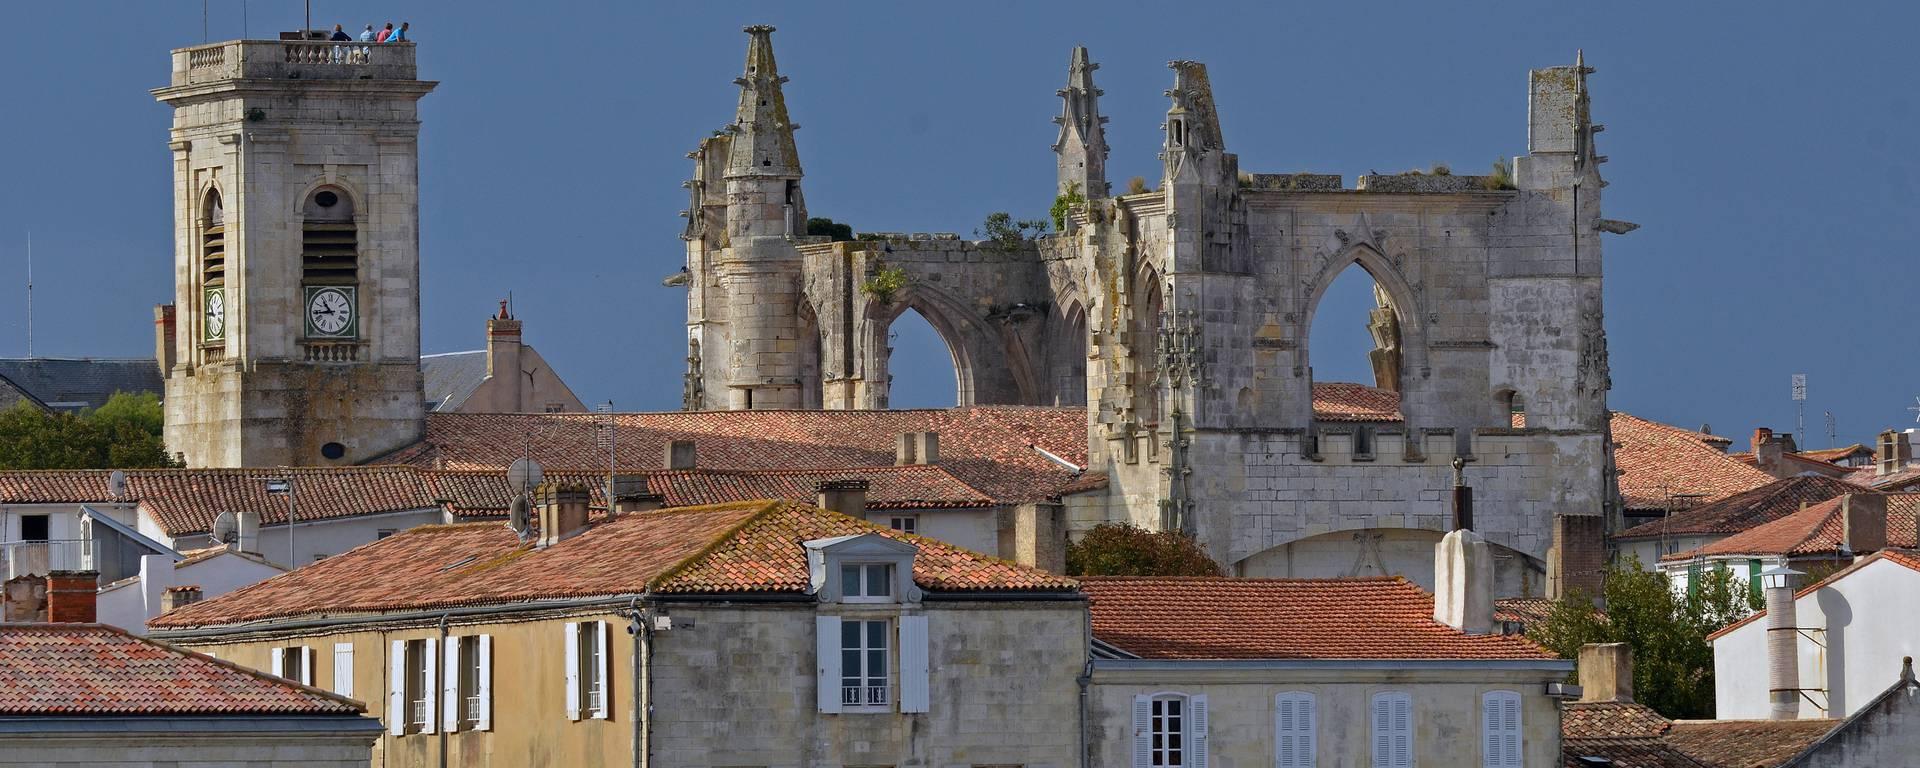 Eglise Saint-Clément les baleines